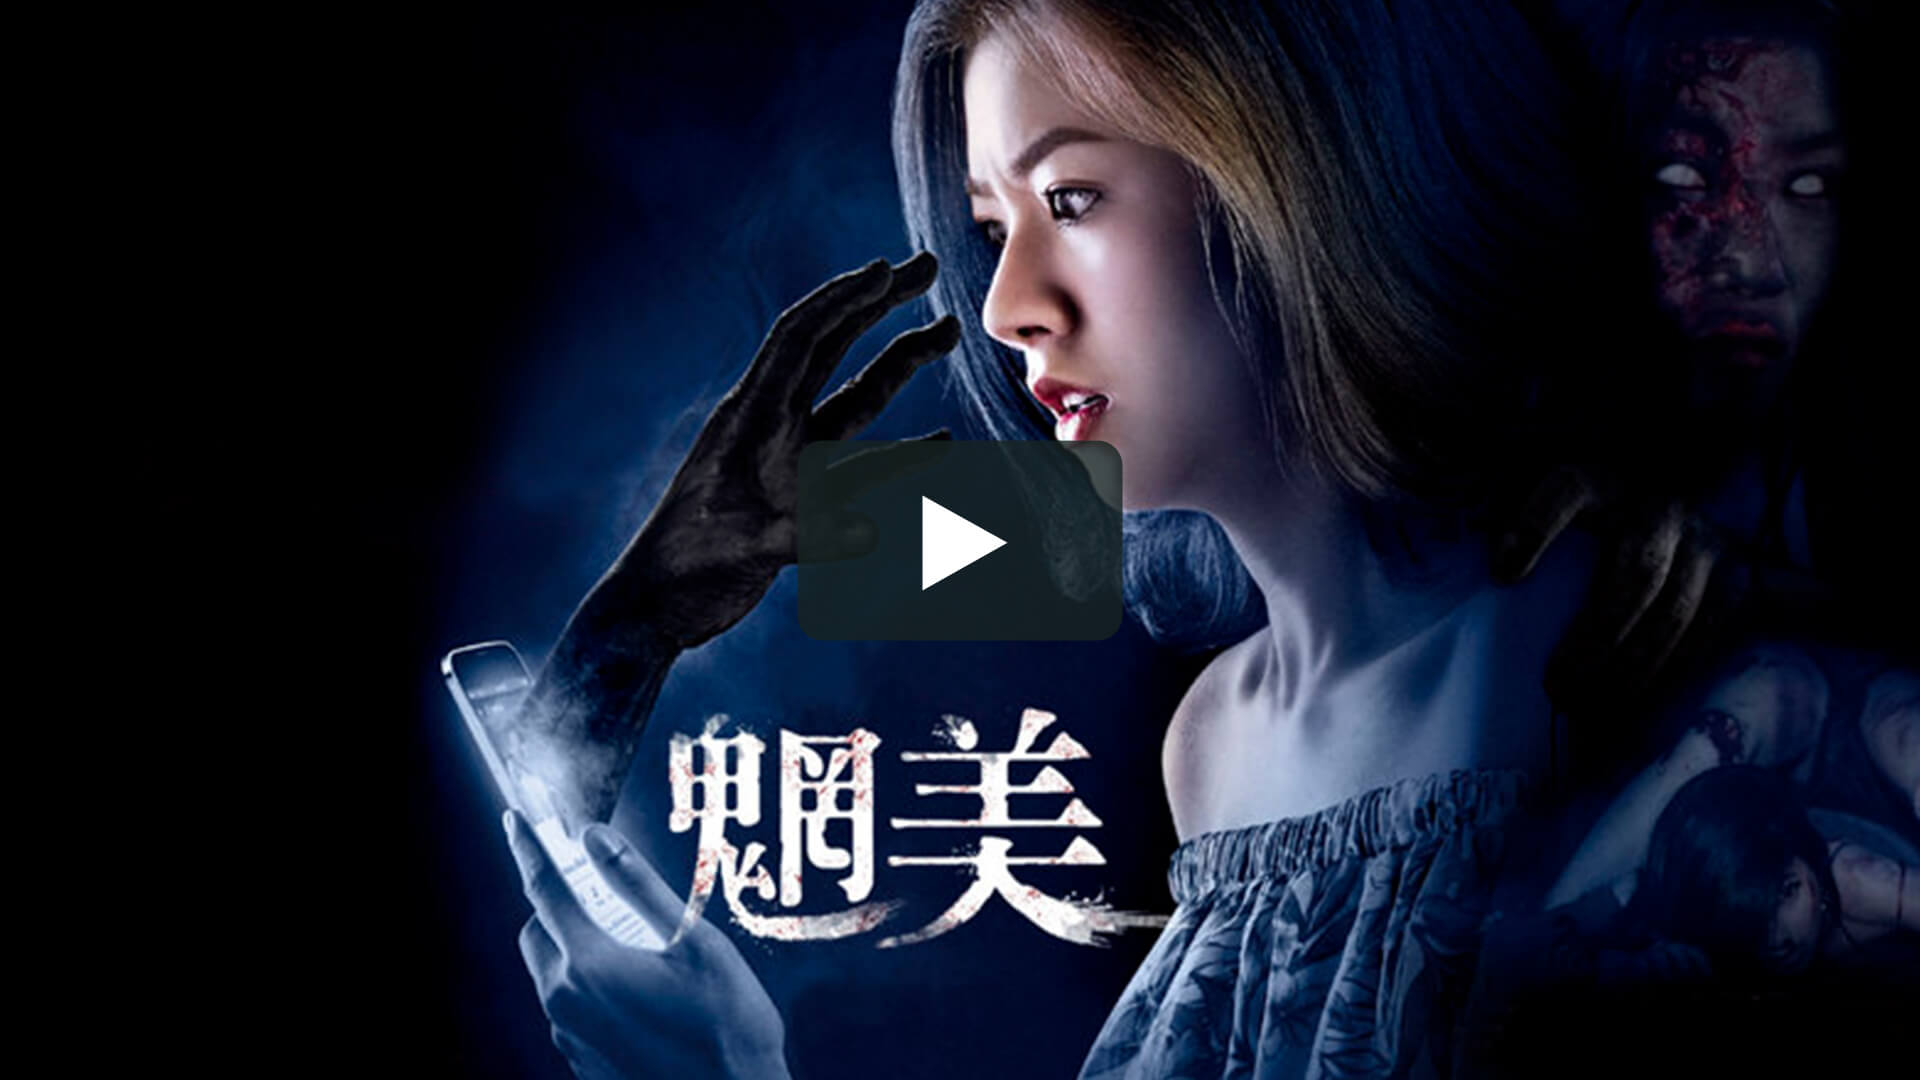 魍美 - Net I Die